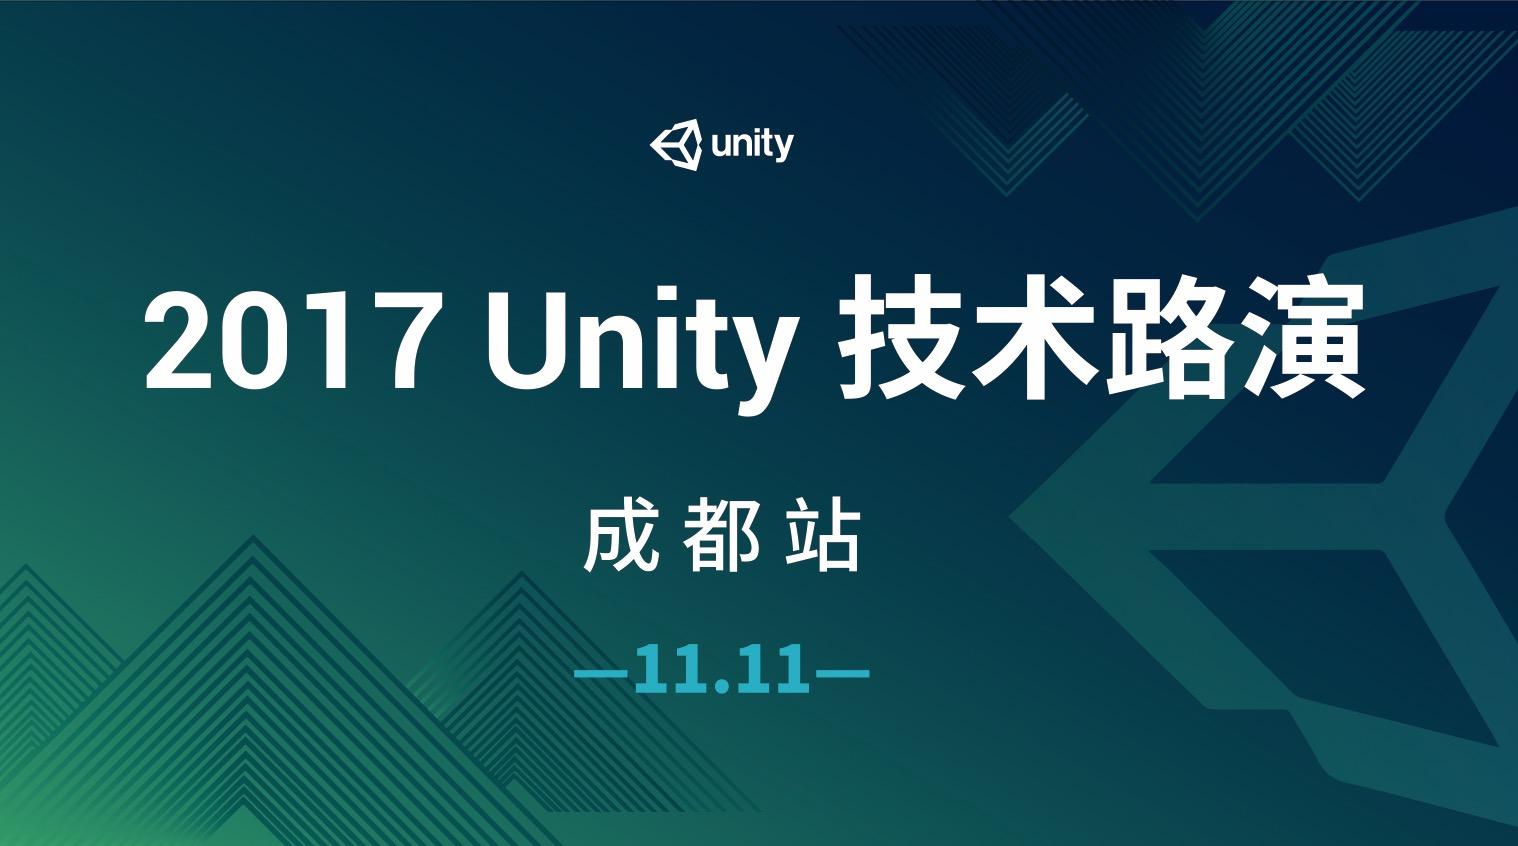 [路演] 金秋相会-Unity成都技术路演